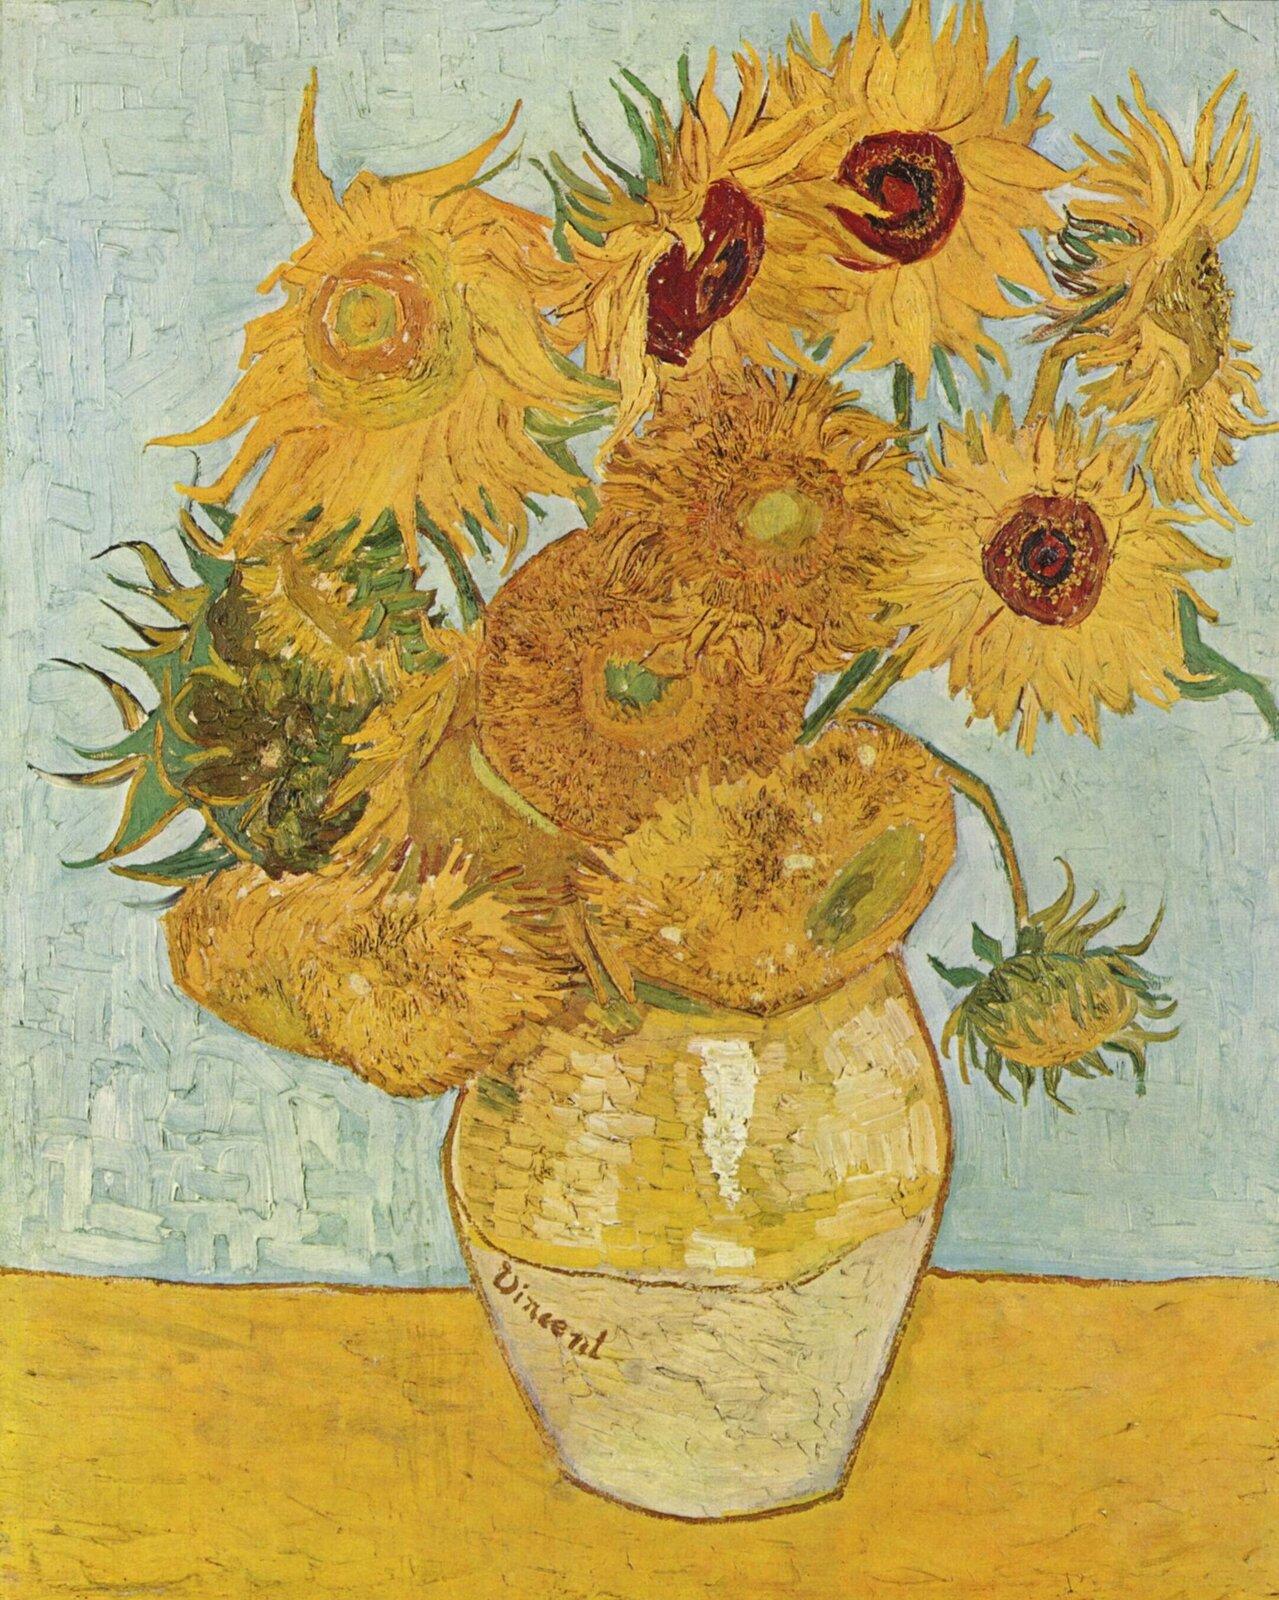 Vincent van Gogh, Wazon zdwunastoma słonecznikami, 1888 Źródło: The Yorck Projec, Vincent van Gogh, Wazon zdwunastoma słonecznikami, 1888, olej na płótnie, Neue Pinakothek, Monachium,, licencja: CC 0.